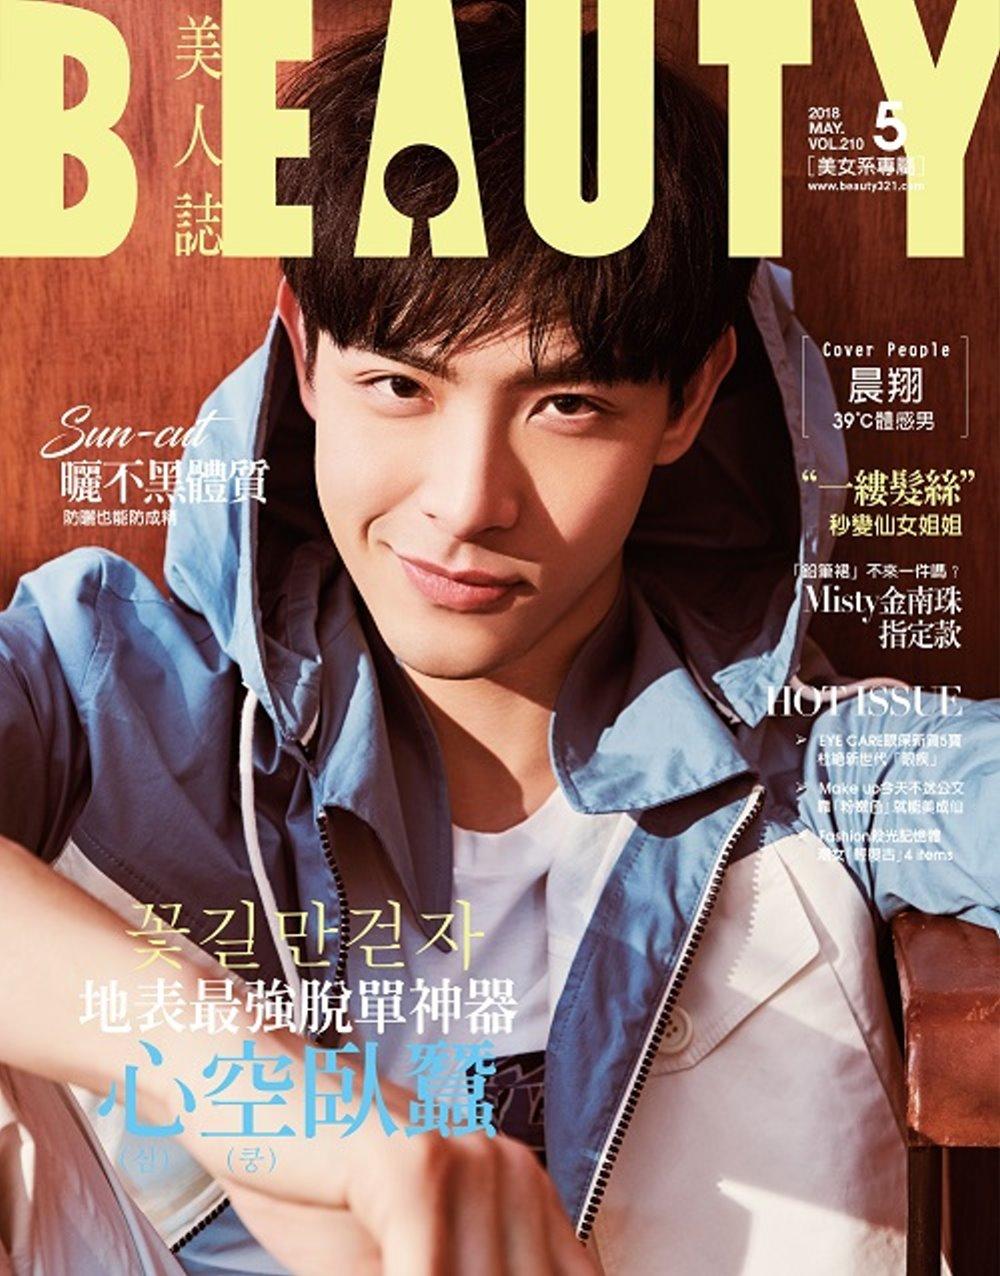 BEAUTY美人誌 5月號/2018 第210期